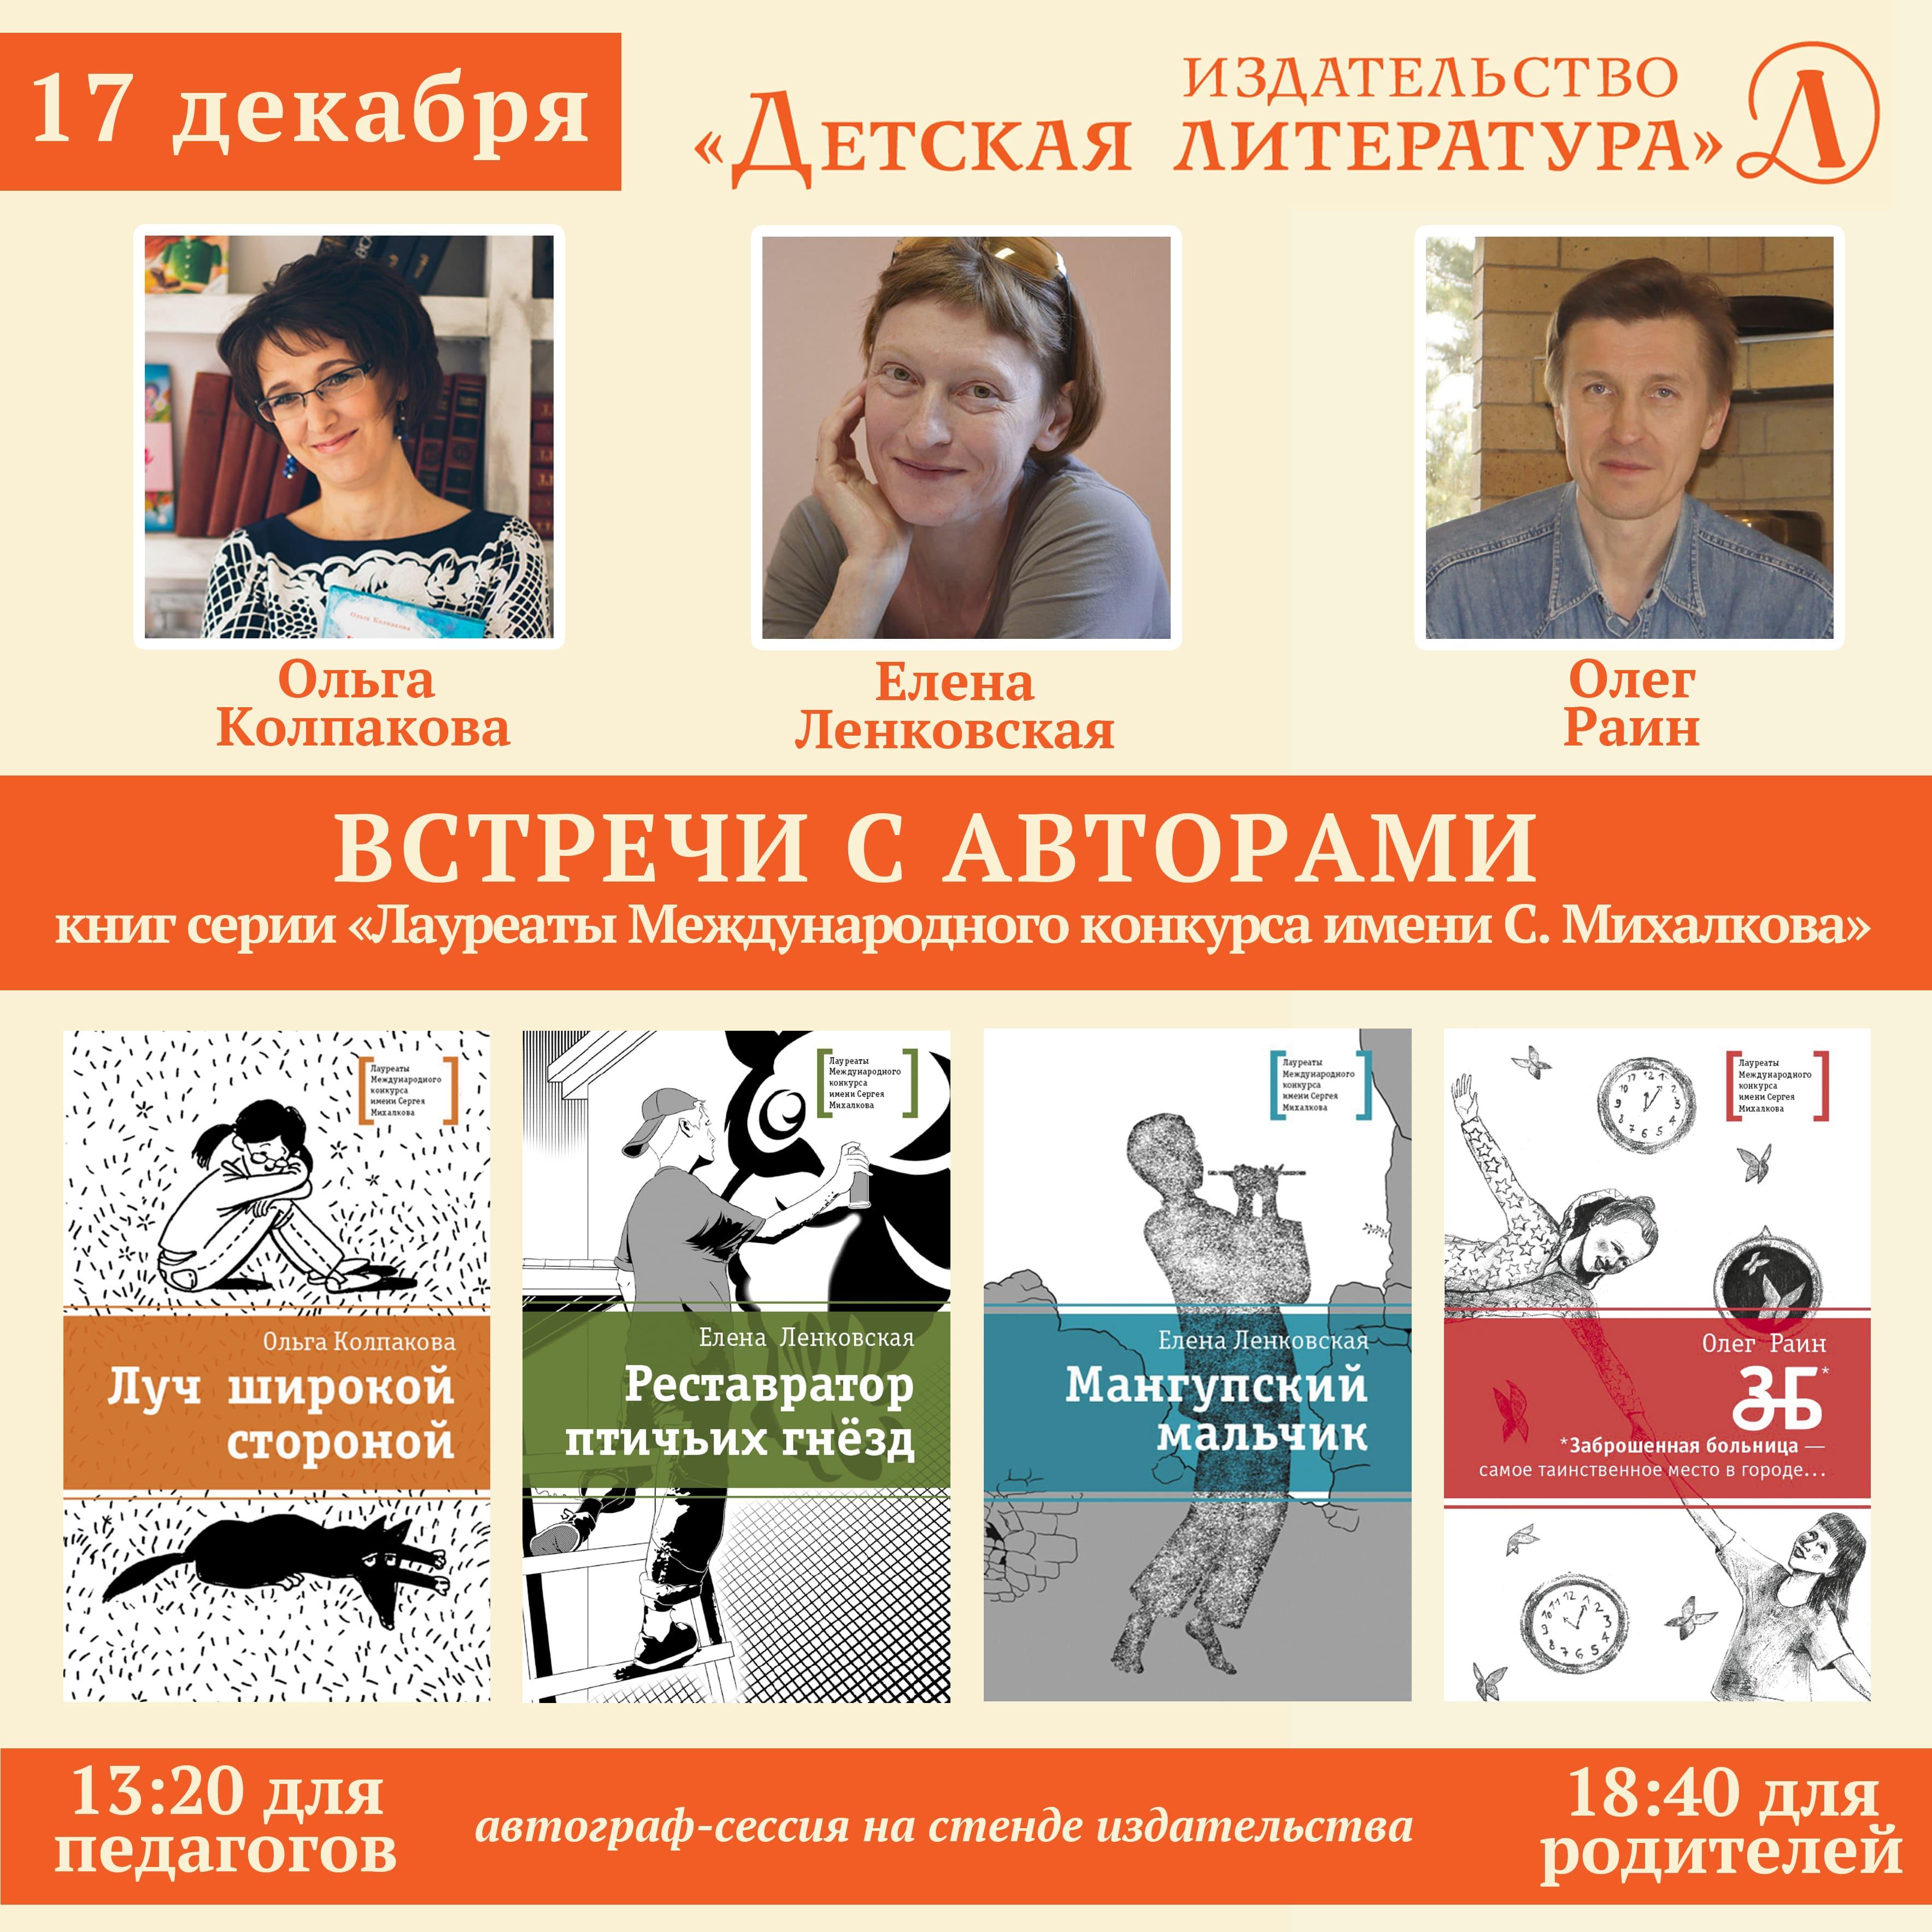 Приглашаем на встречу с авторами